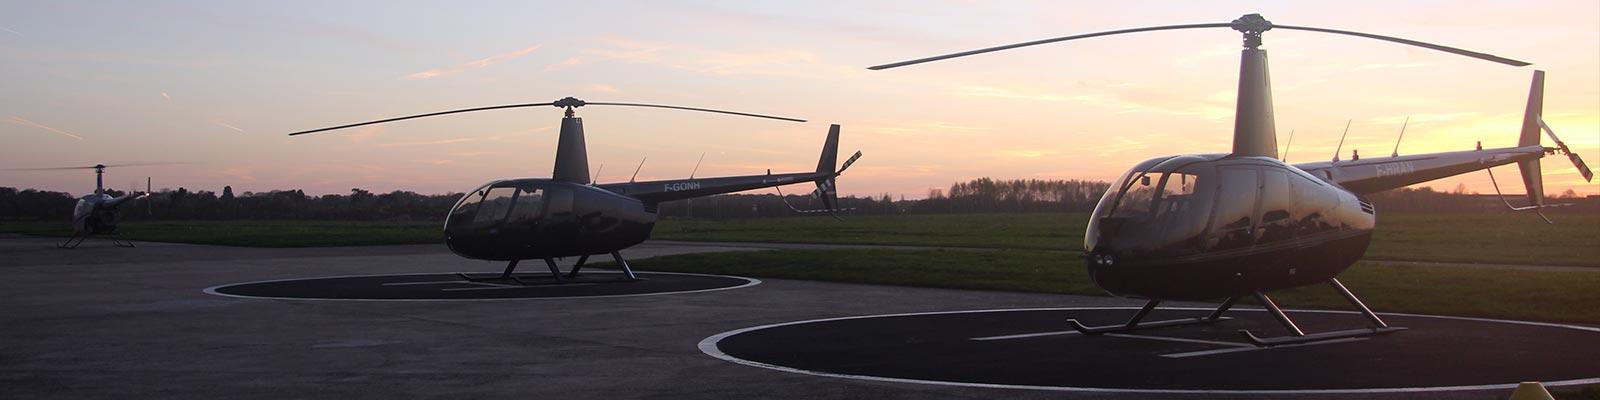 Licence de pilote privé d'Hélicoptère PPL/H - 2 Hélicoptères